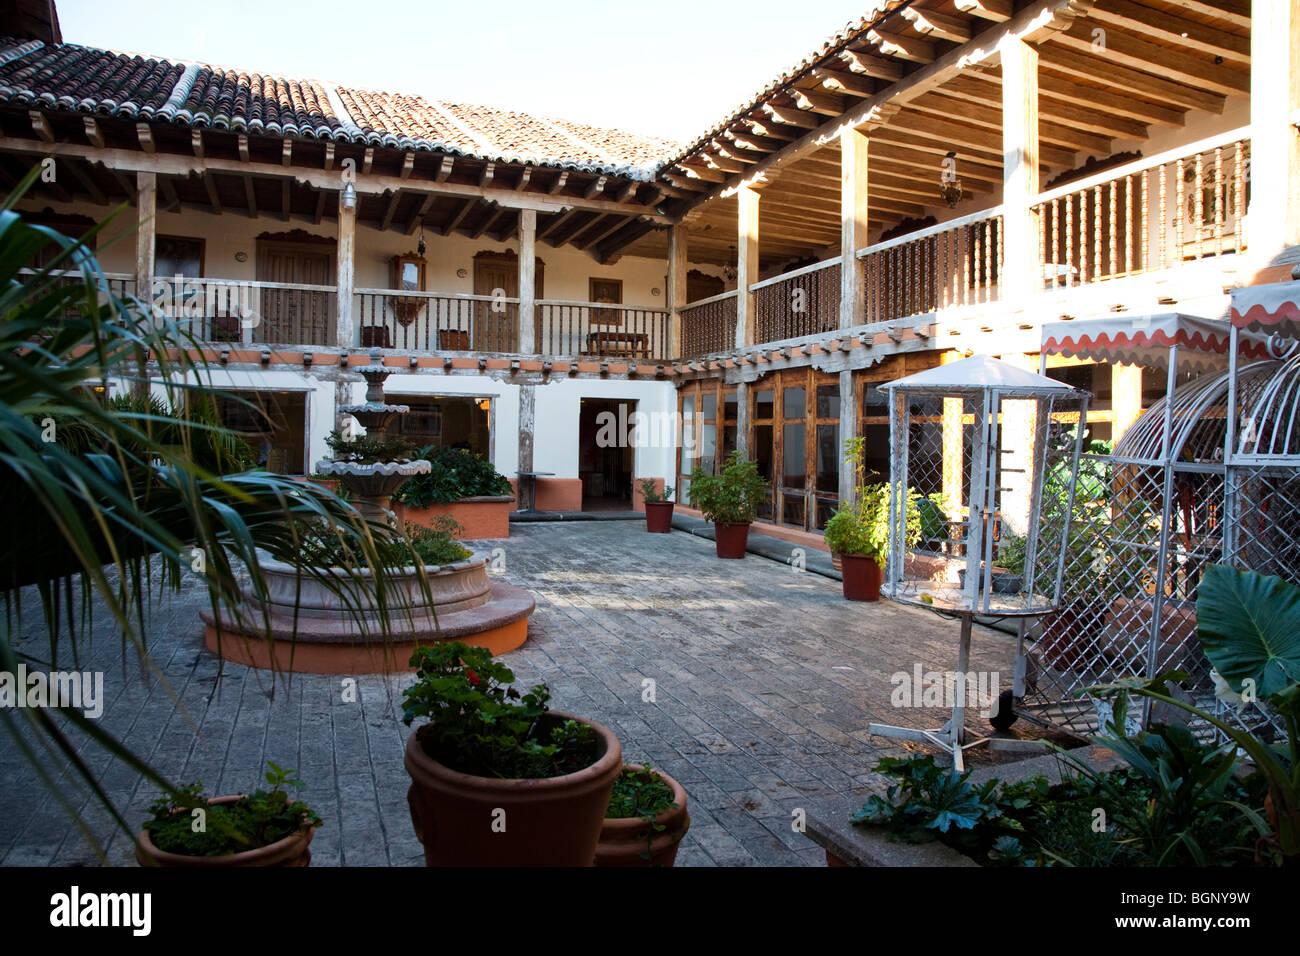 Hotel santa clara san crist bal de las casas chiapas for Hotel azulejos san cristobal delas casas chiapas